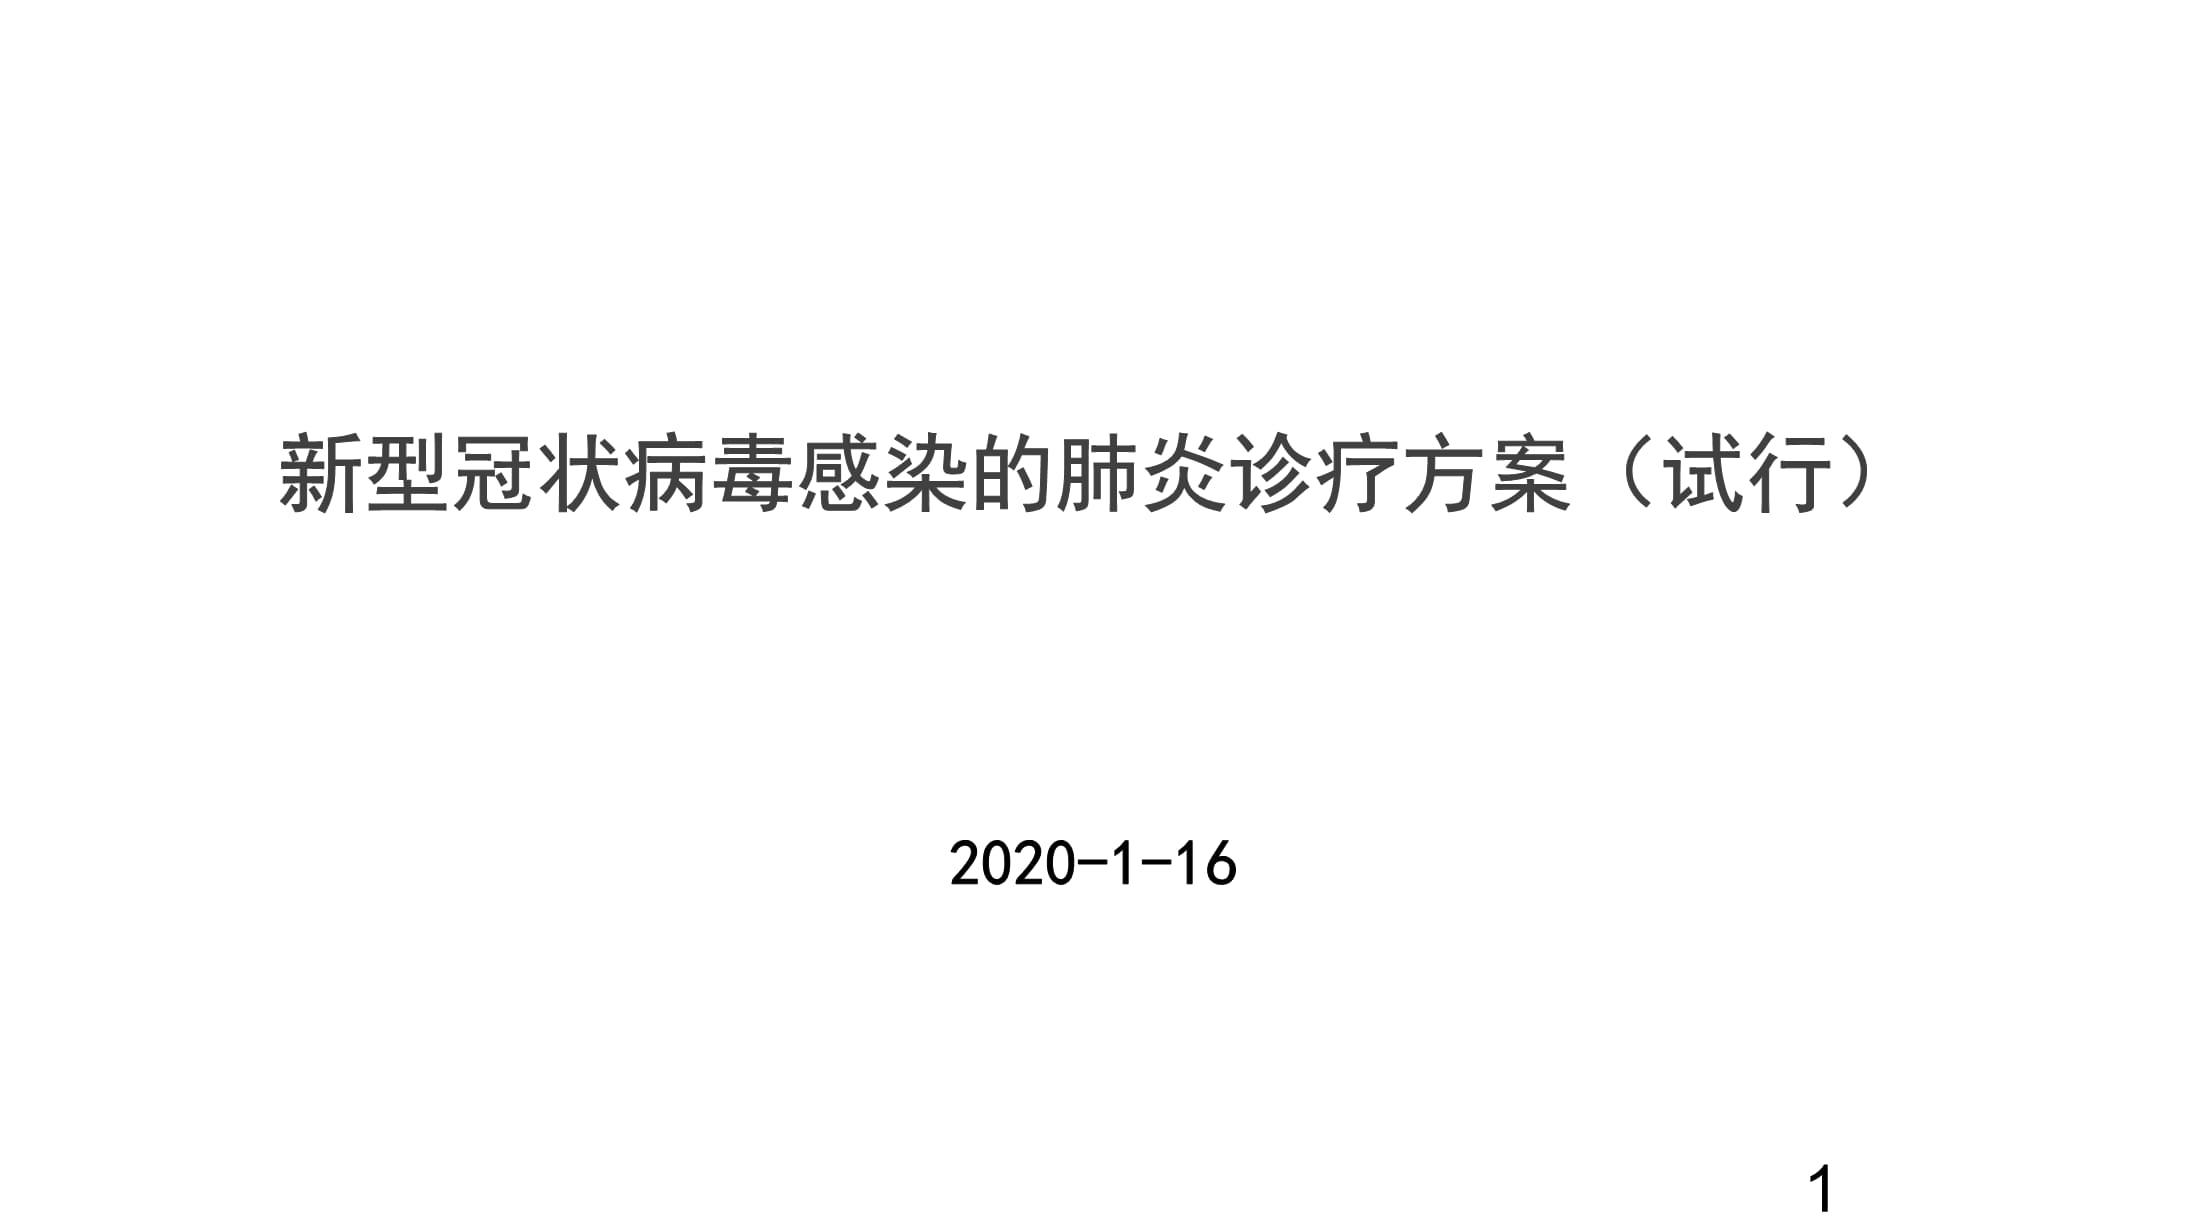 新型冠状病毒感染的肺炎诊疗方案(试行).pptx